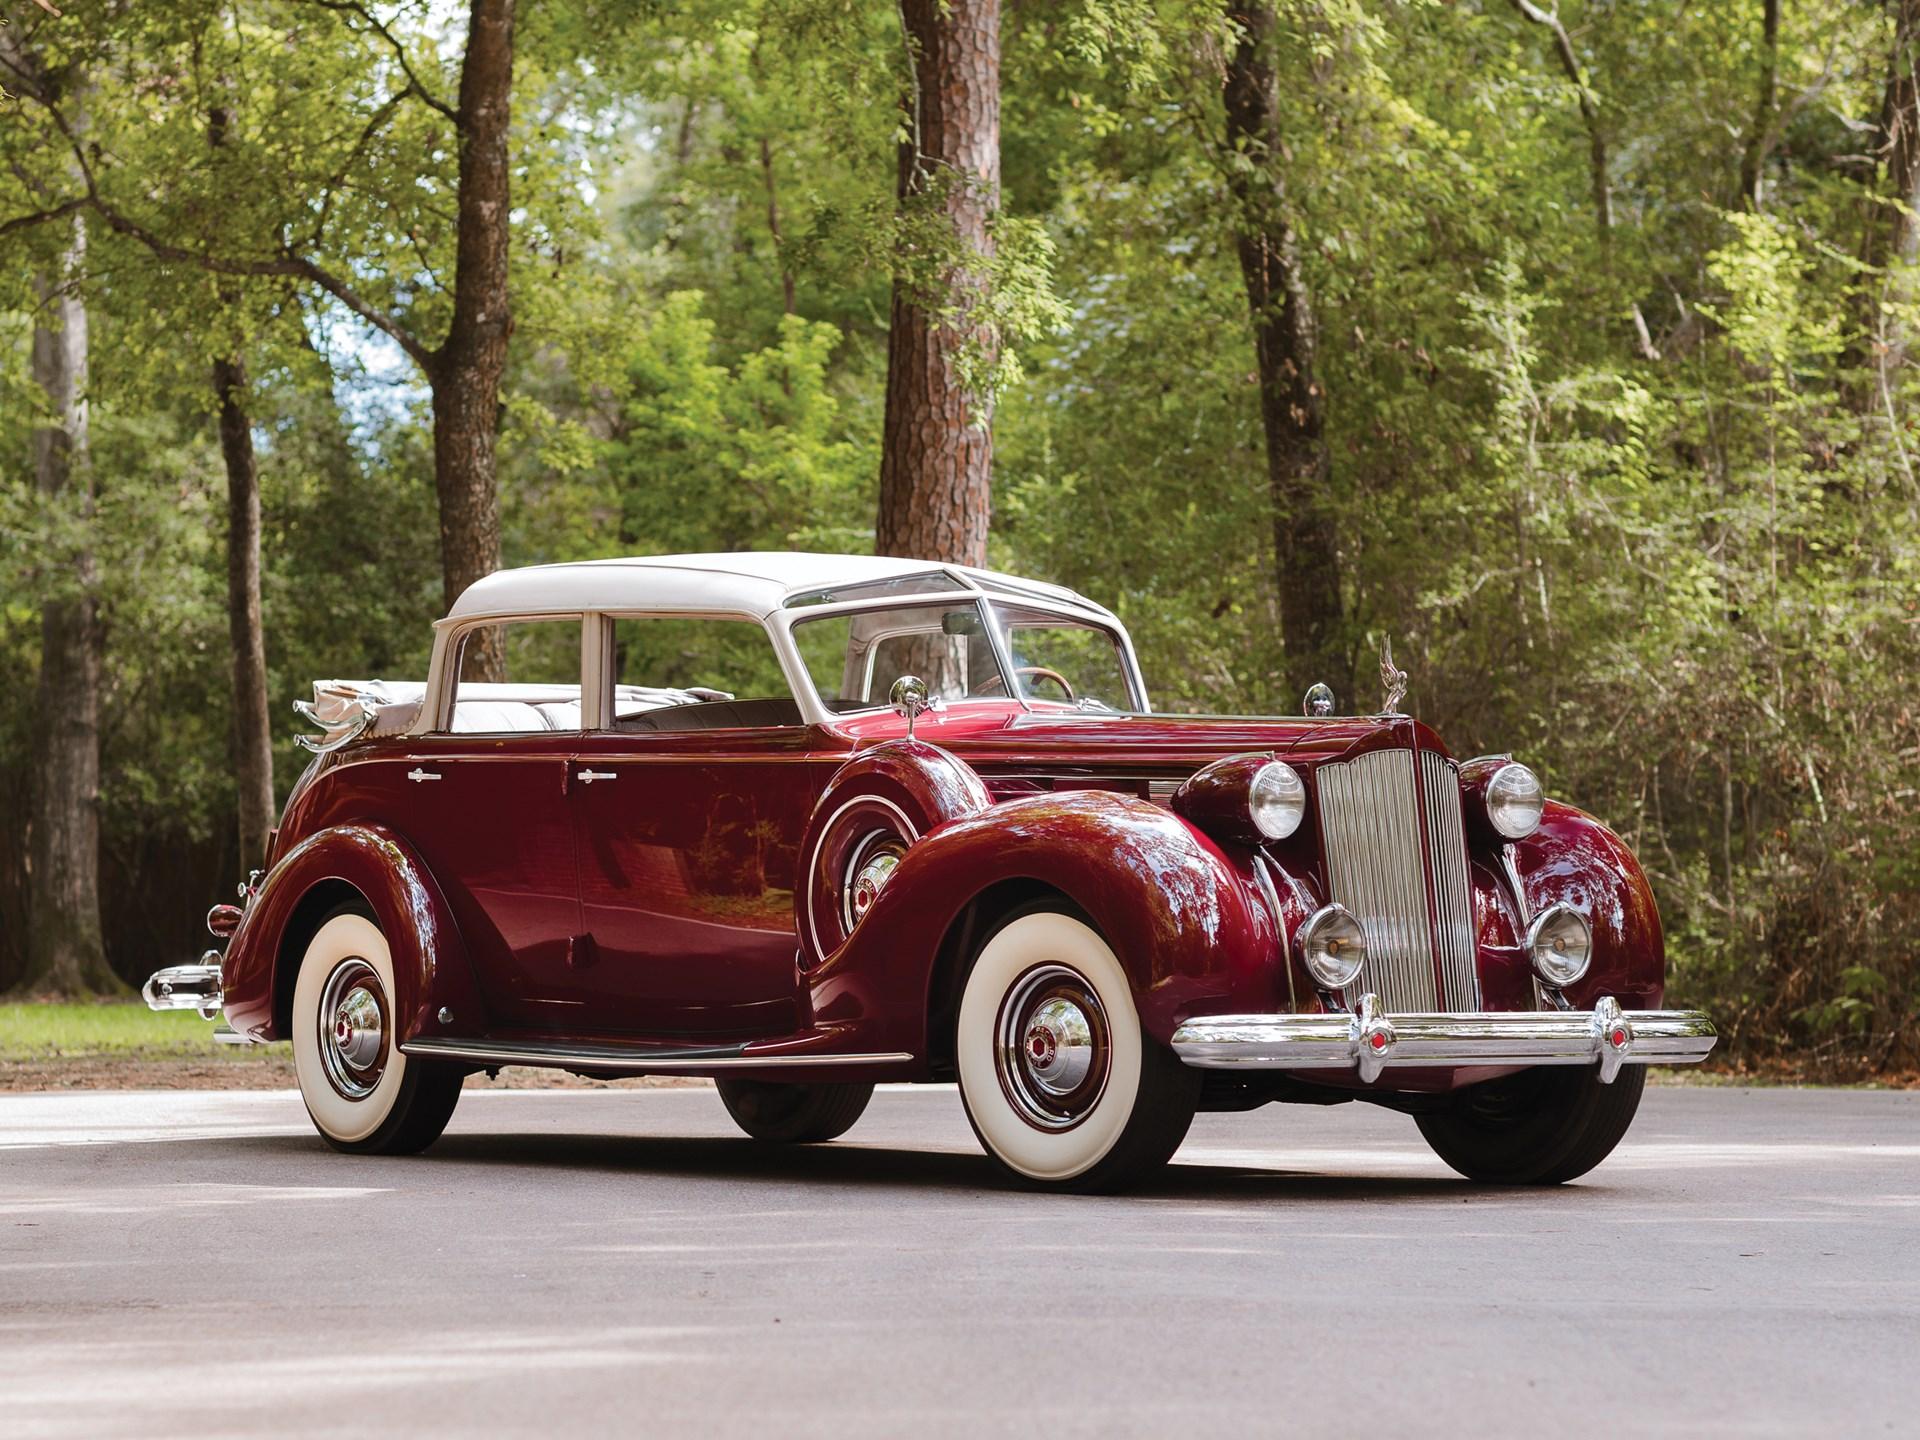 Image result for rm hershey 1938 Packard Twelve Brunn Cabriolet Touring